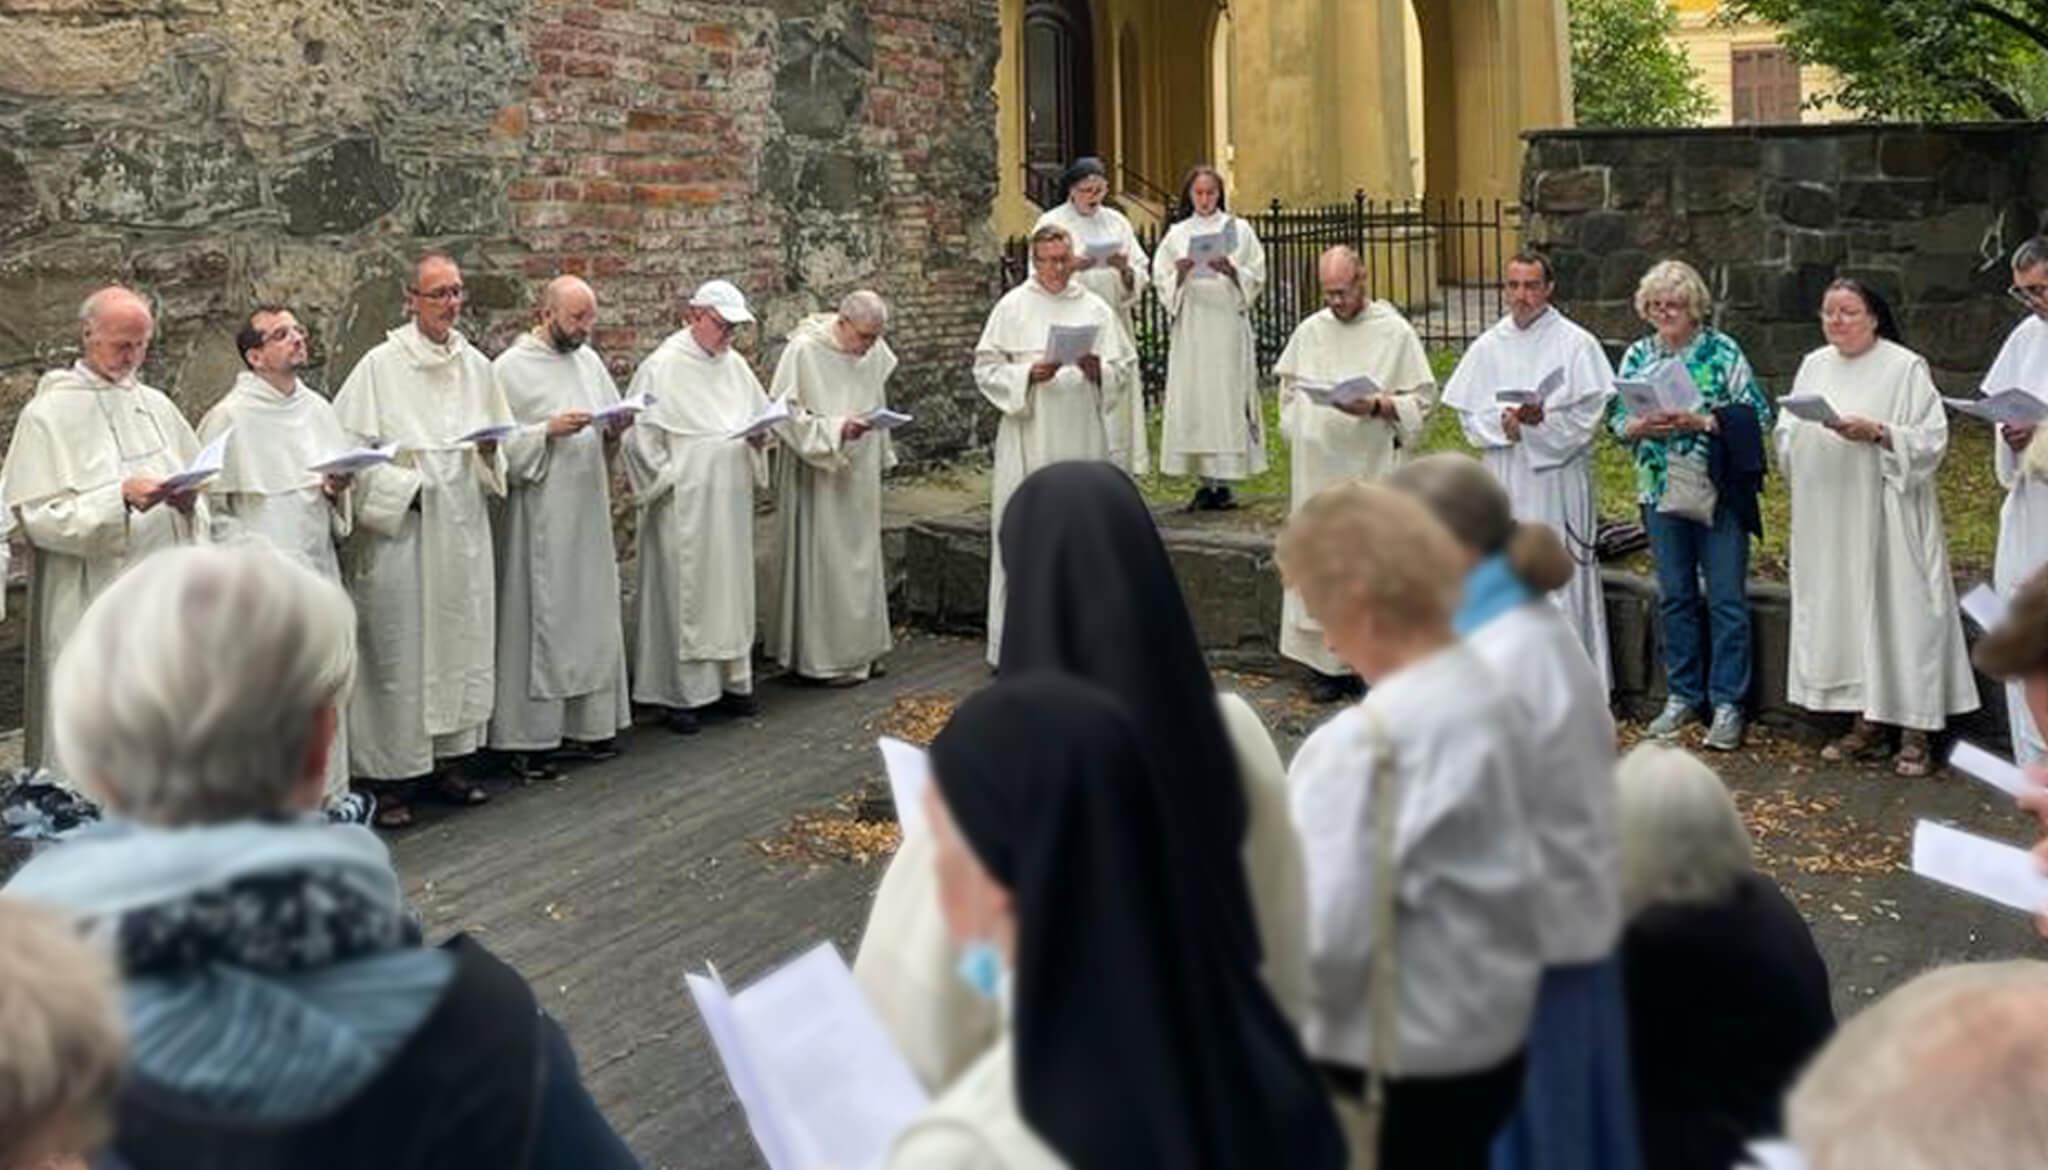 Del 6 al 8 de agosto, en Oslo, la familia dominicana celebró no sólo a nuestro padre Santo Domingo